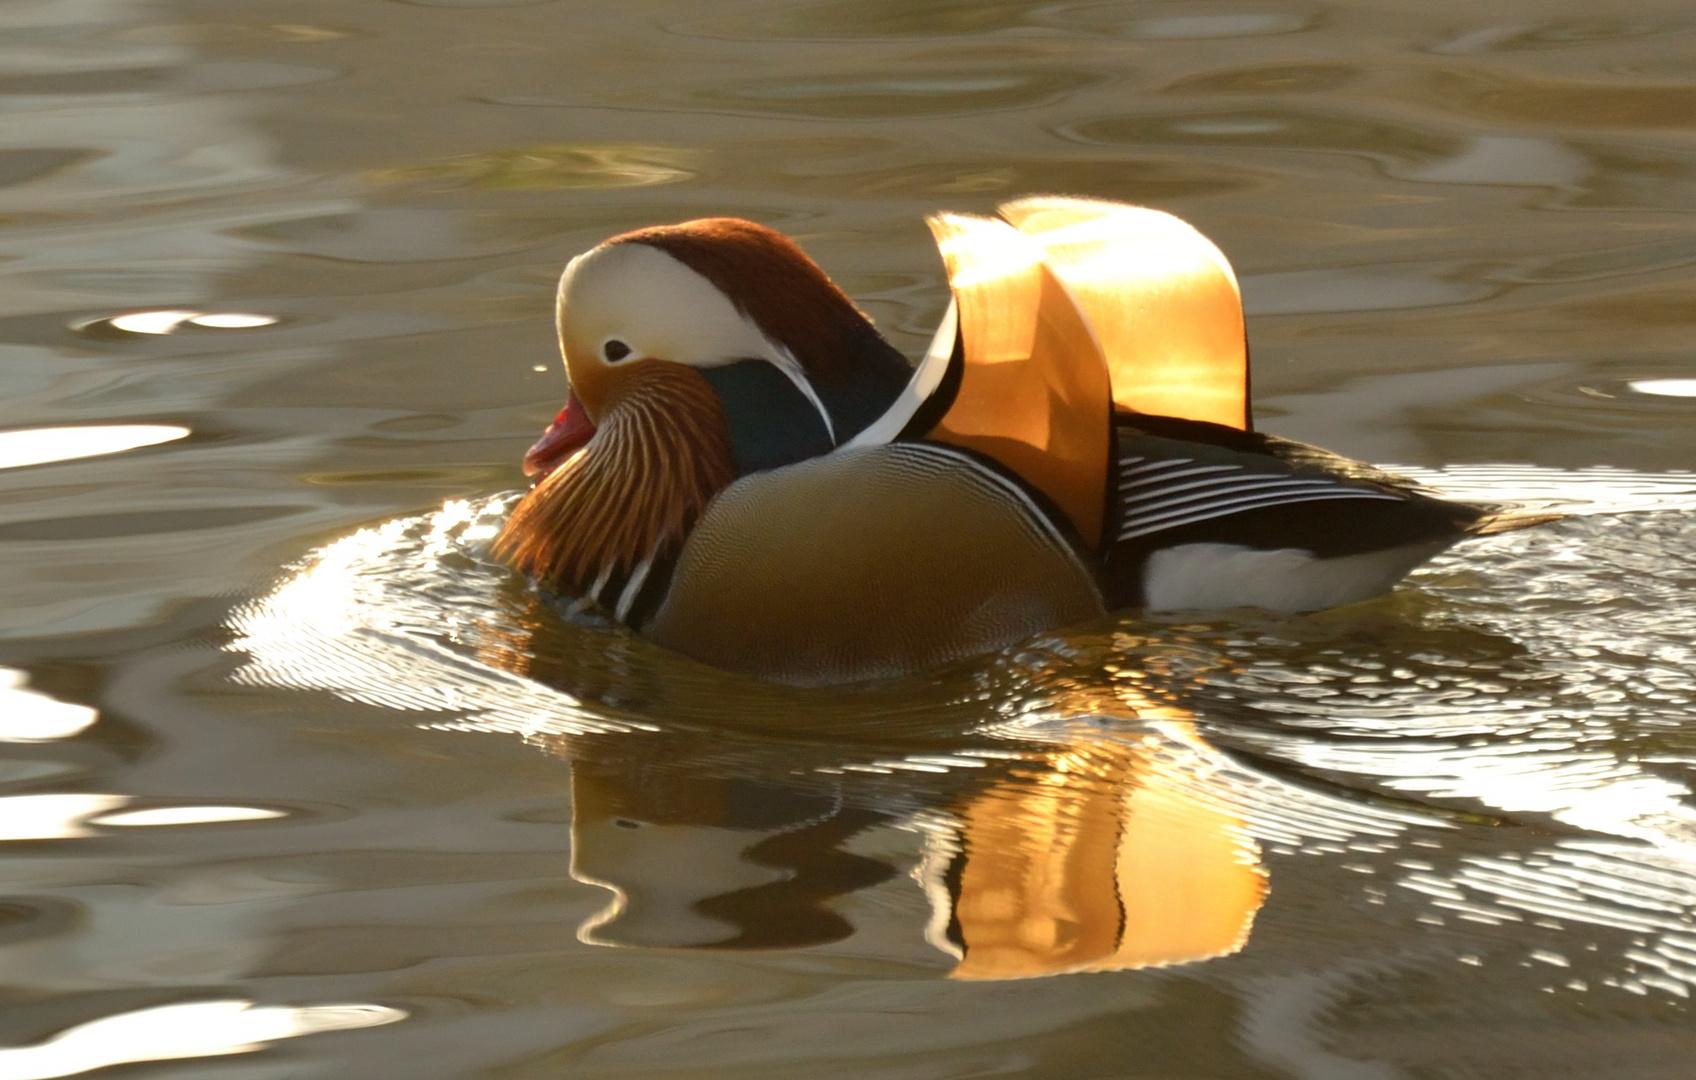 Sonne in den Flügeln und im Wasser gespiegelt